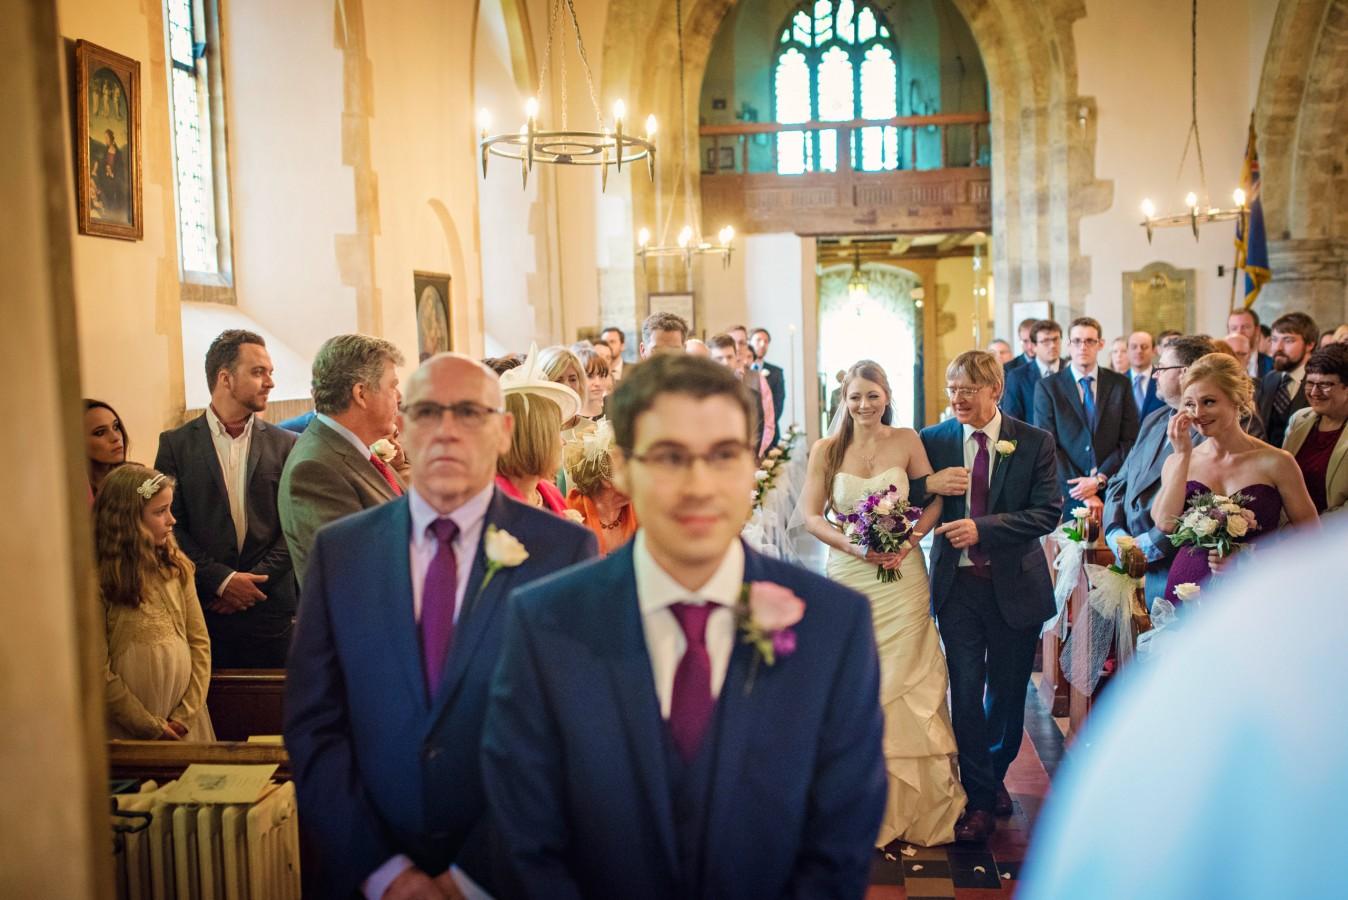 Hampshire Wedding Photographer - GK Photography-116